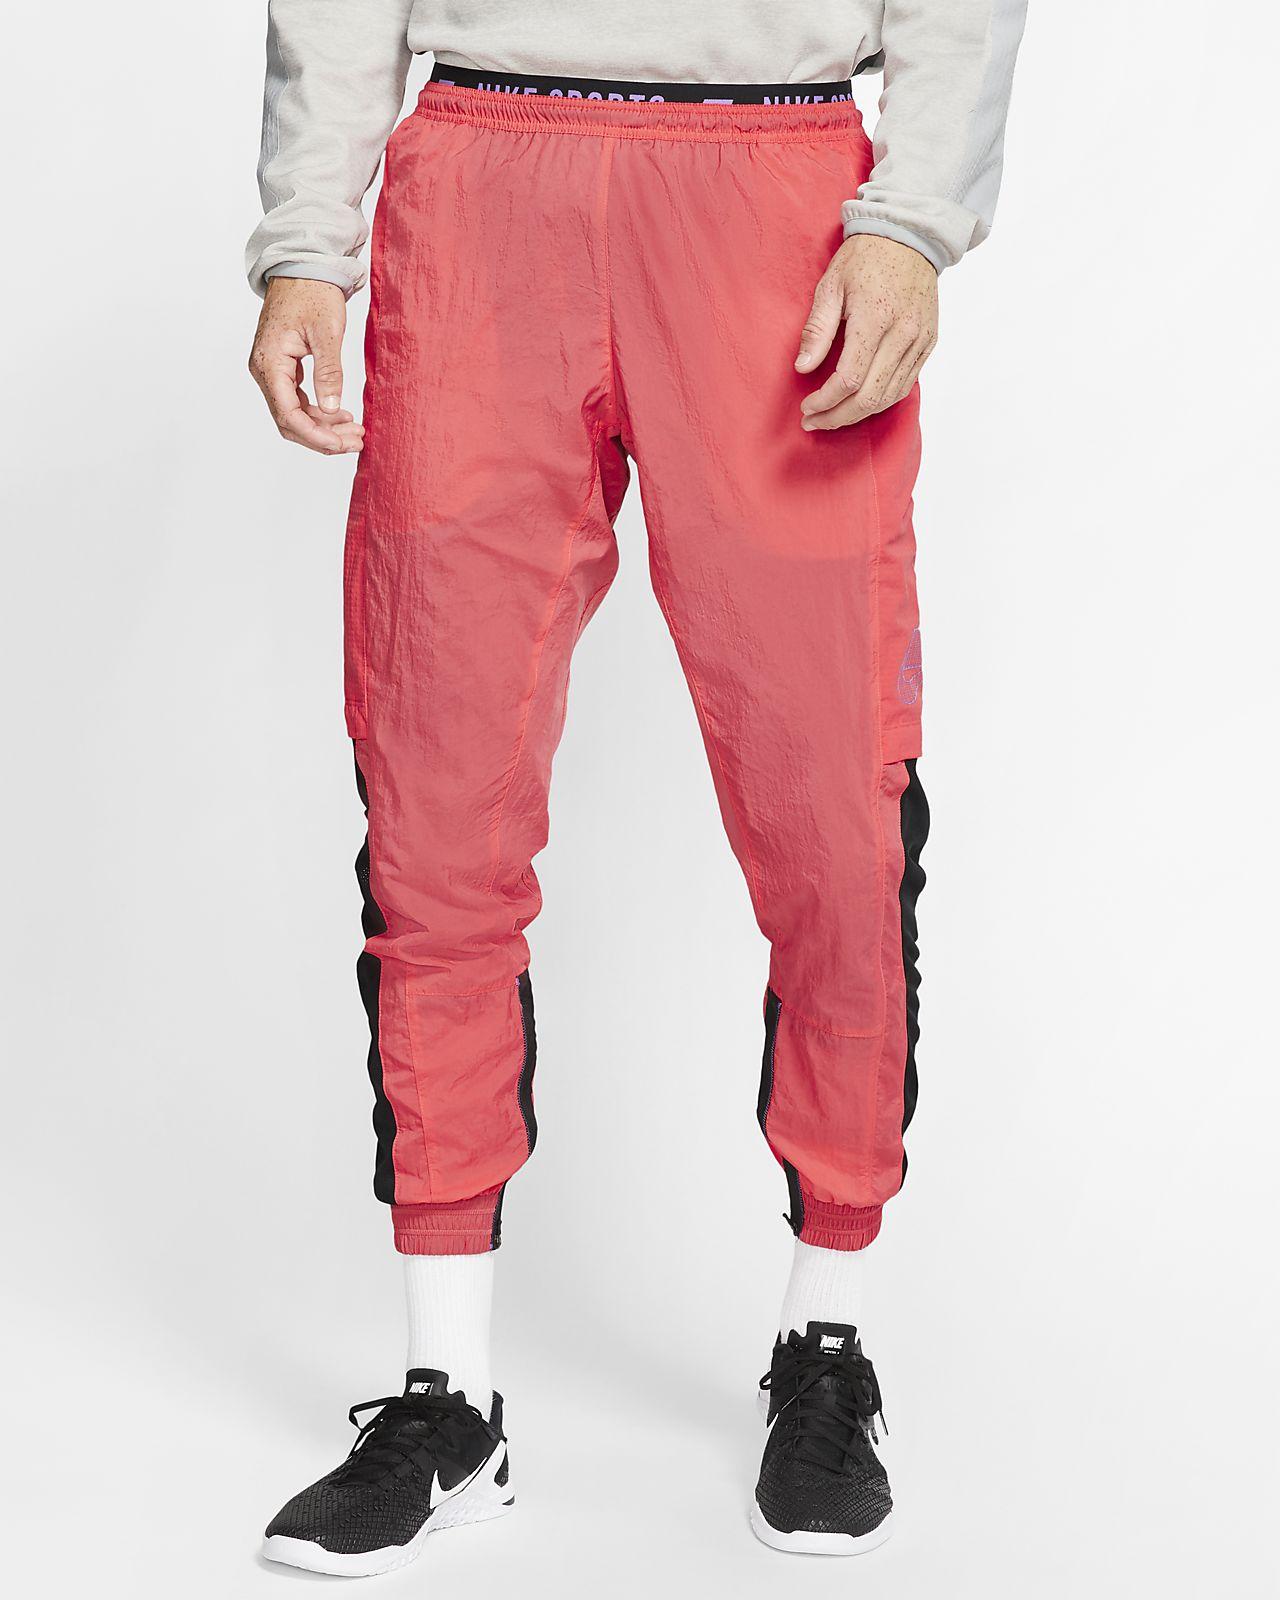 nike pantaloni dry fit uomo